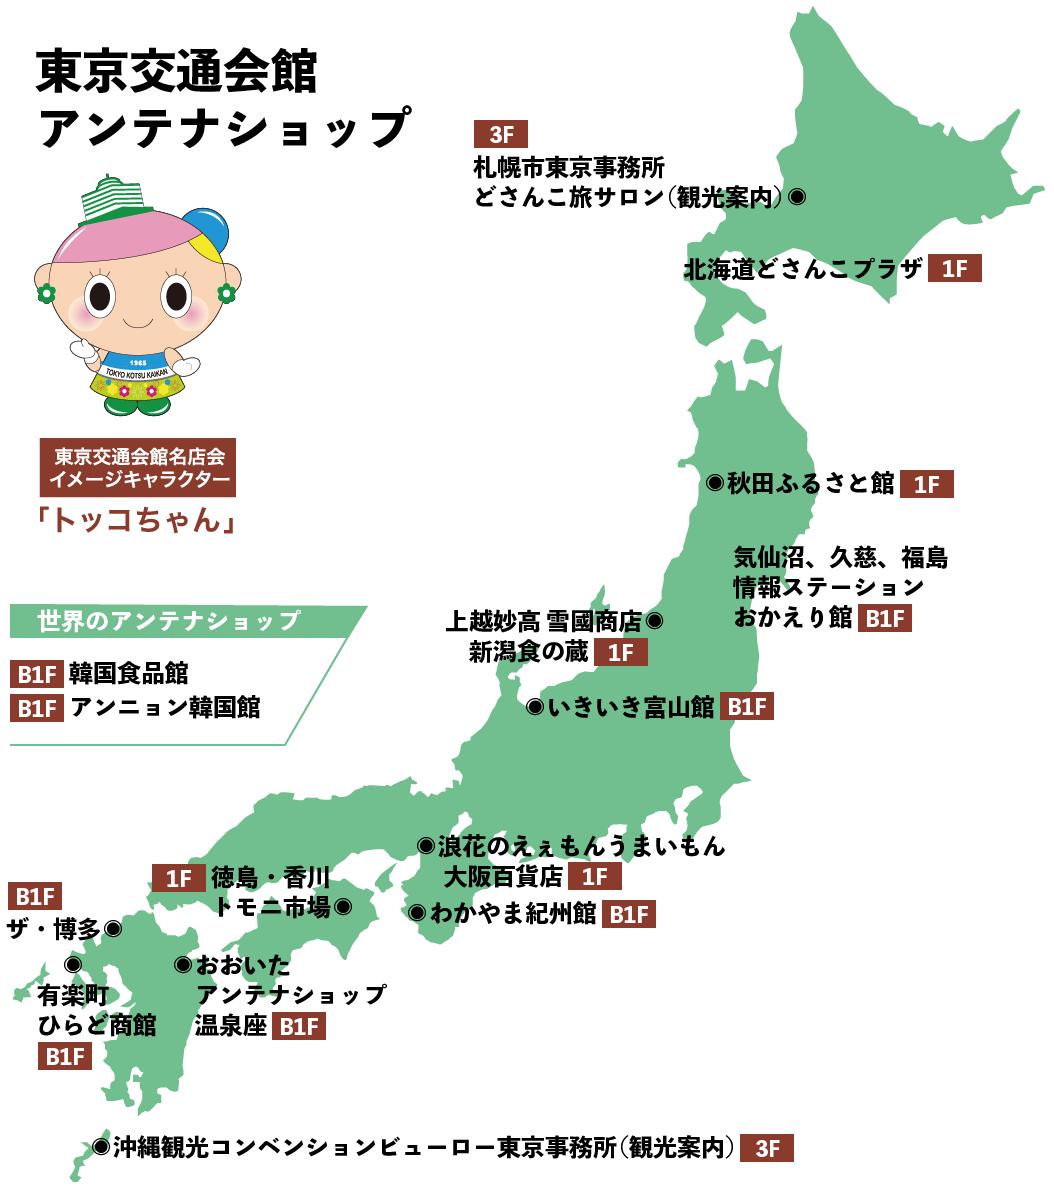 アンテナショップ 日本地図